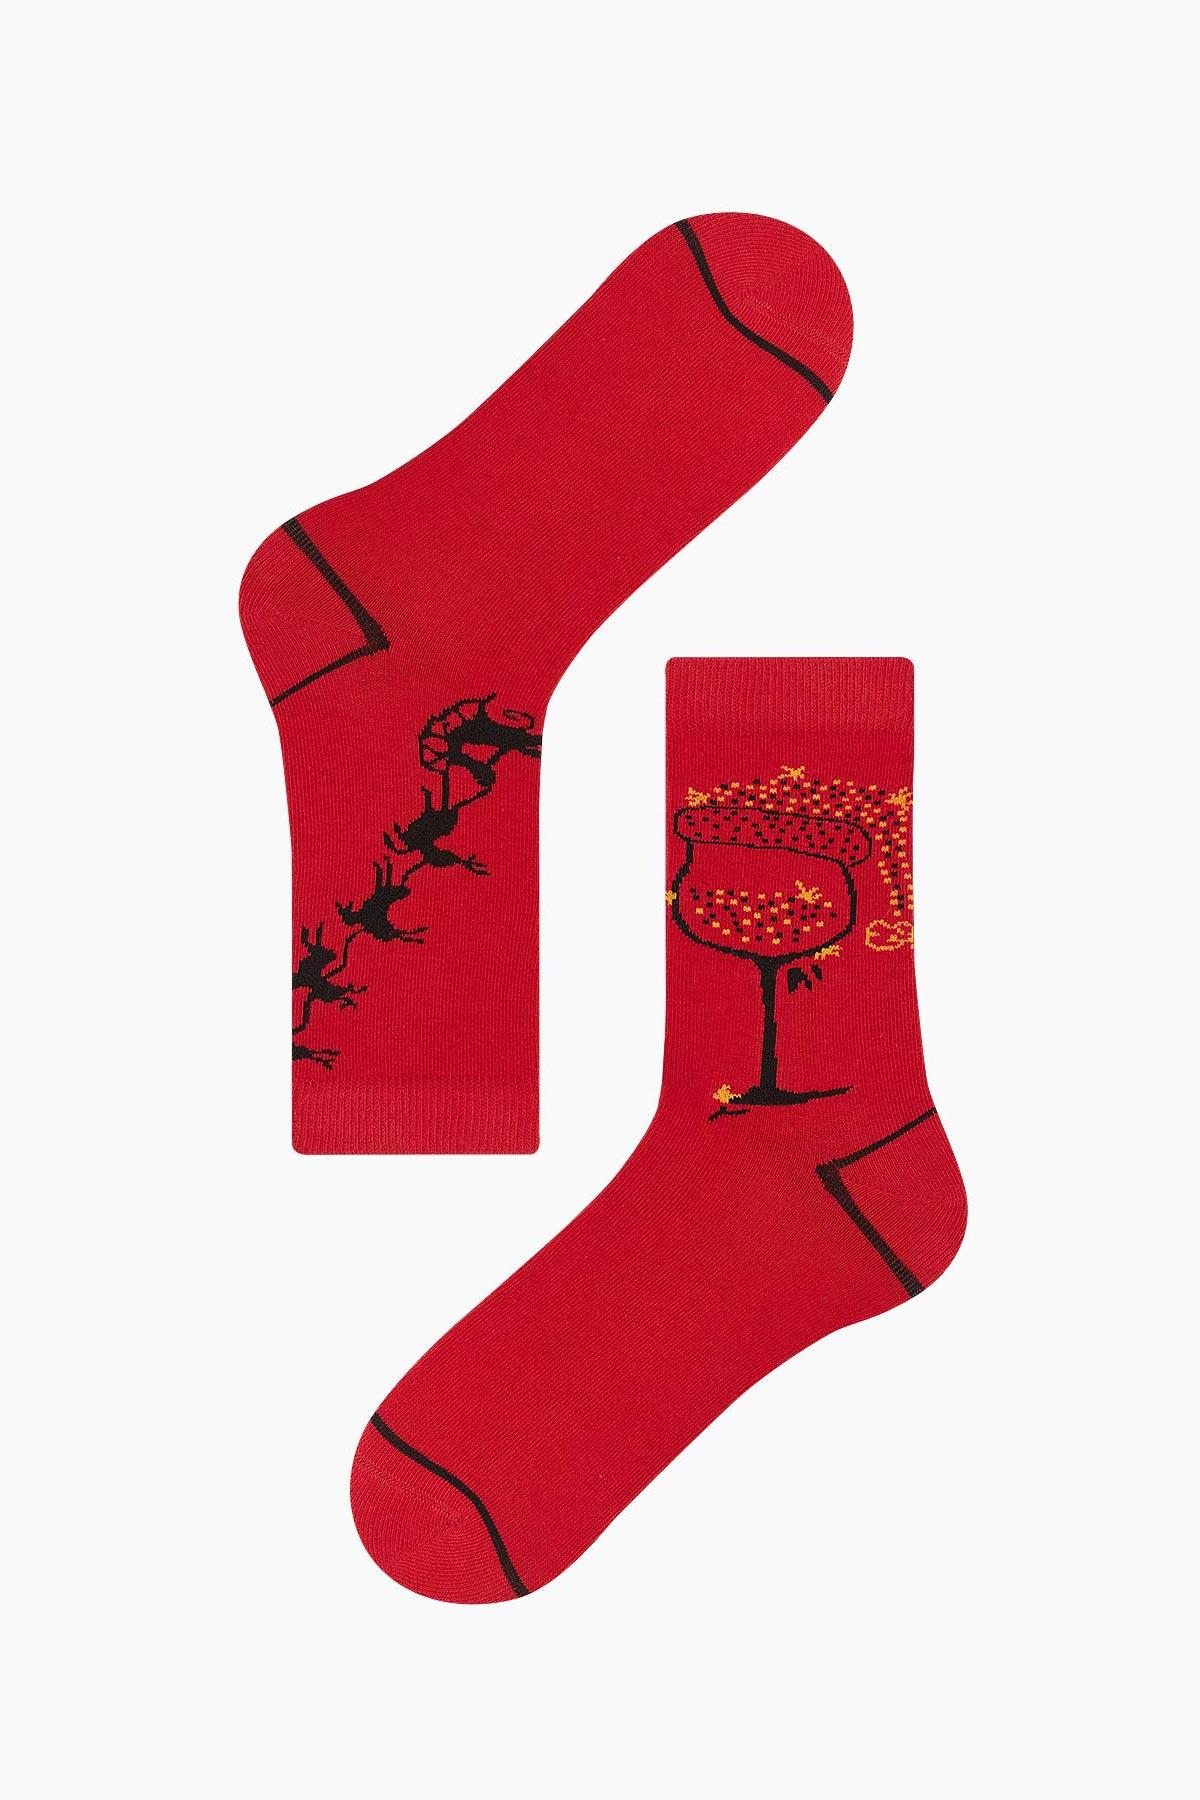 Bross - Bross Celebration Patterned Christmas Women's Socks